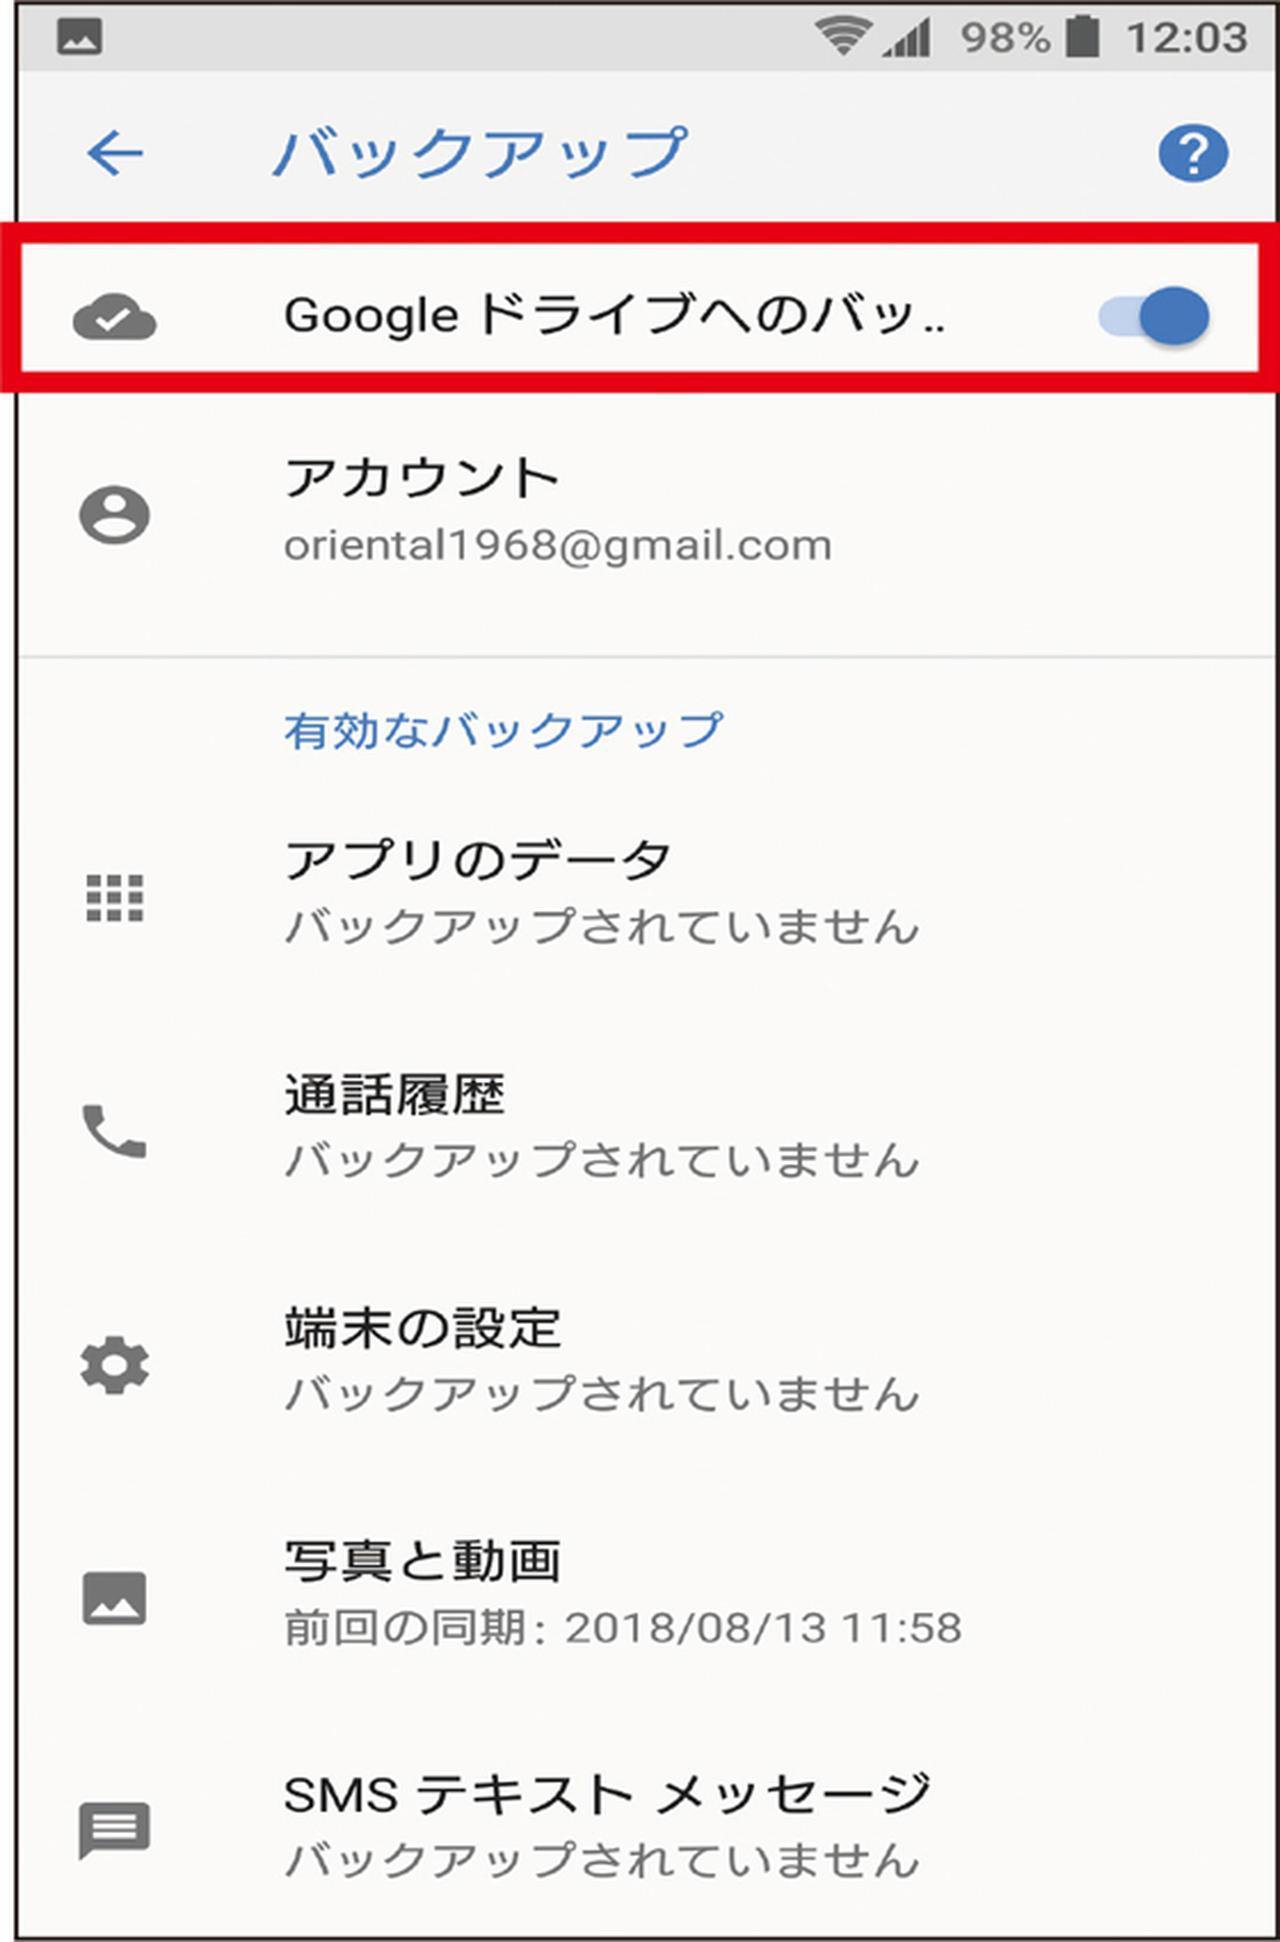 画像: Googleドライブへのバックアップがオンになっているか確認する。Googleのバックアップは容量無制限なので、無料のままでOKだ。(Android)